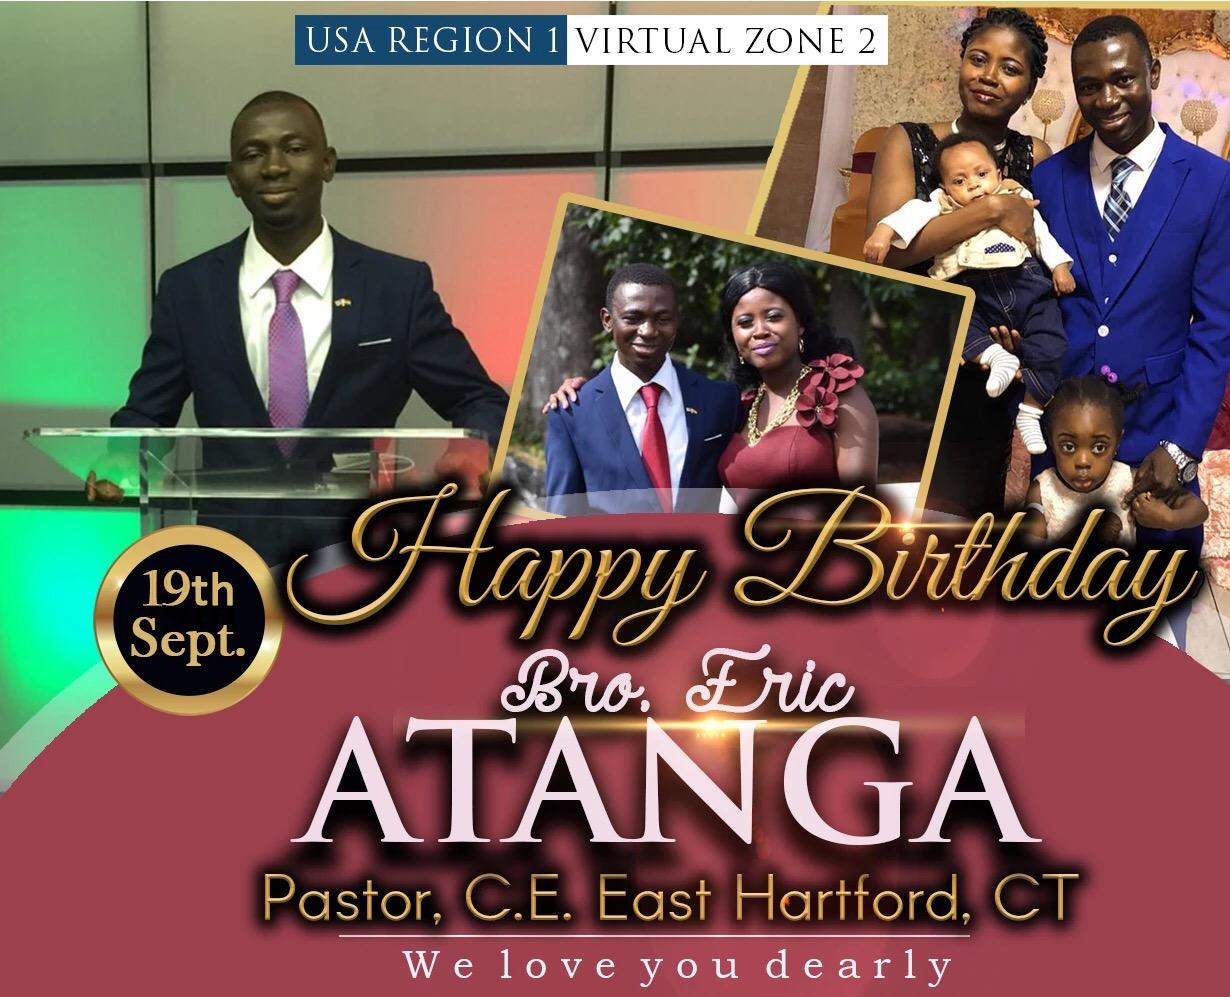 Happy Birthday Pastor!!! #CEHartford